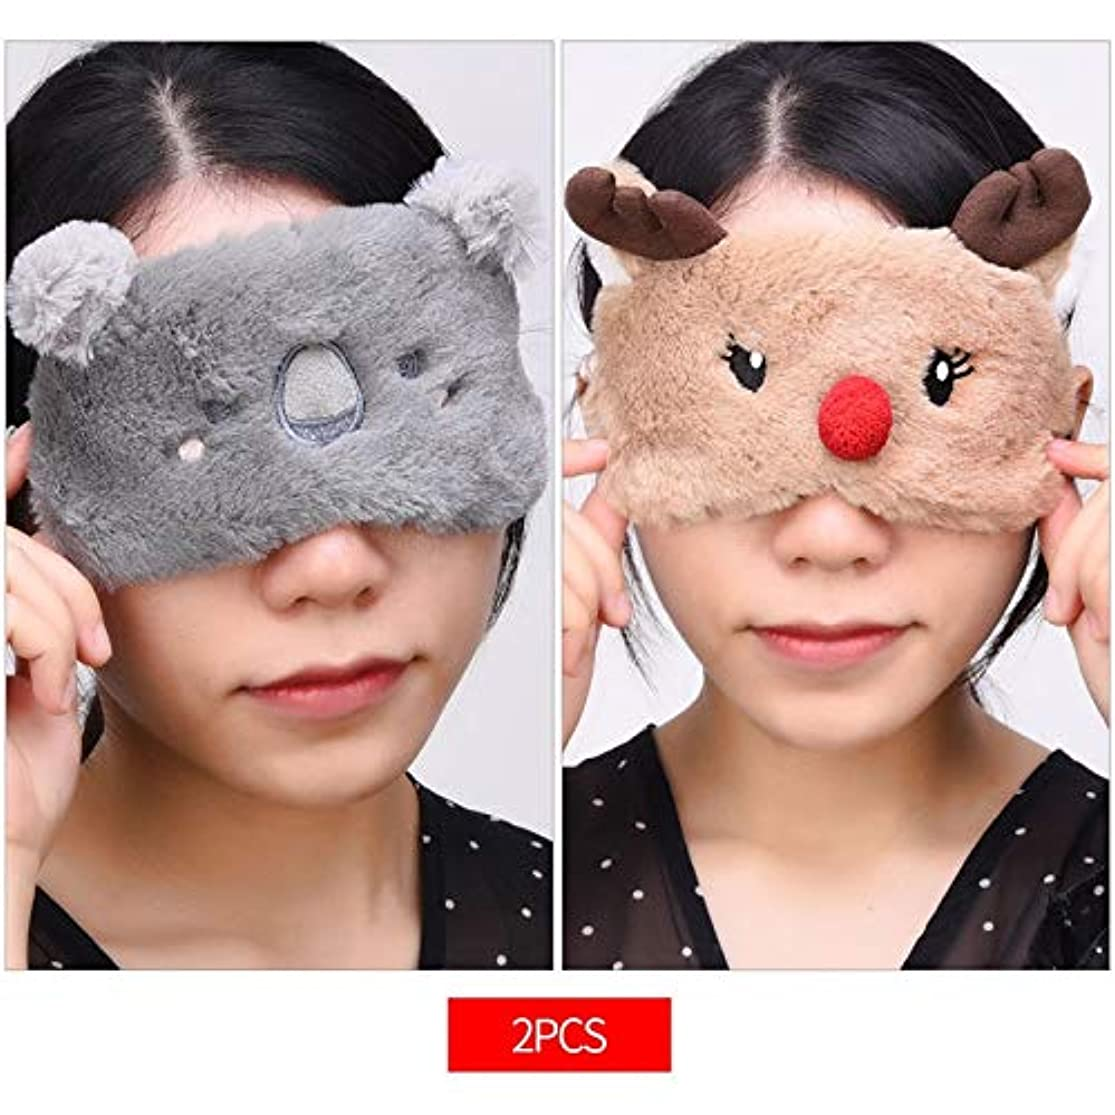 付与やろう落ち着くNOTE 2ピースかわいい動物アイマスク目隠し豪華な睡眠アイシェードオフィス通気性アイカバー付き調整可能ストラップナイトアイシェード0